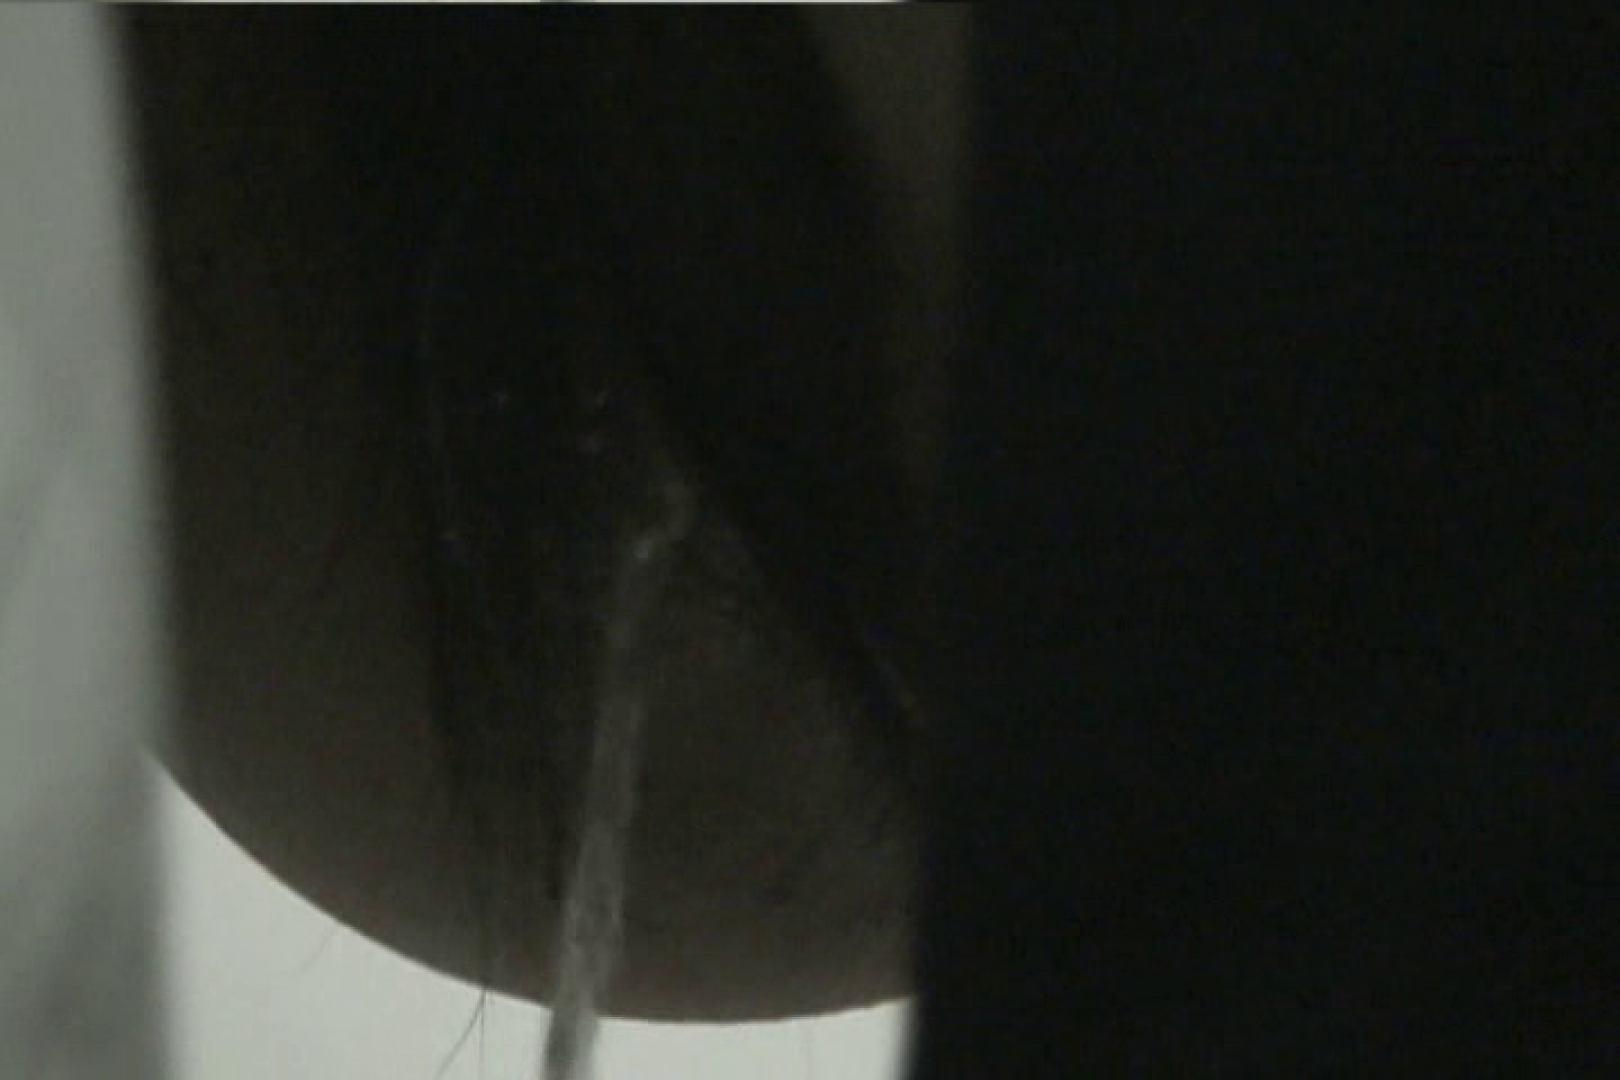 マンコ丸見え女子洗面所Vol.19 マンコ SEX無修正画像 70連発 18